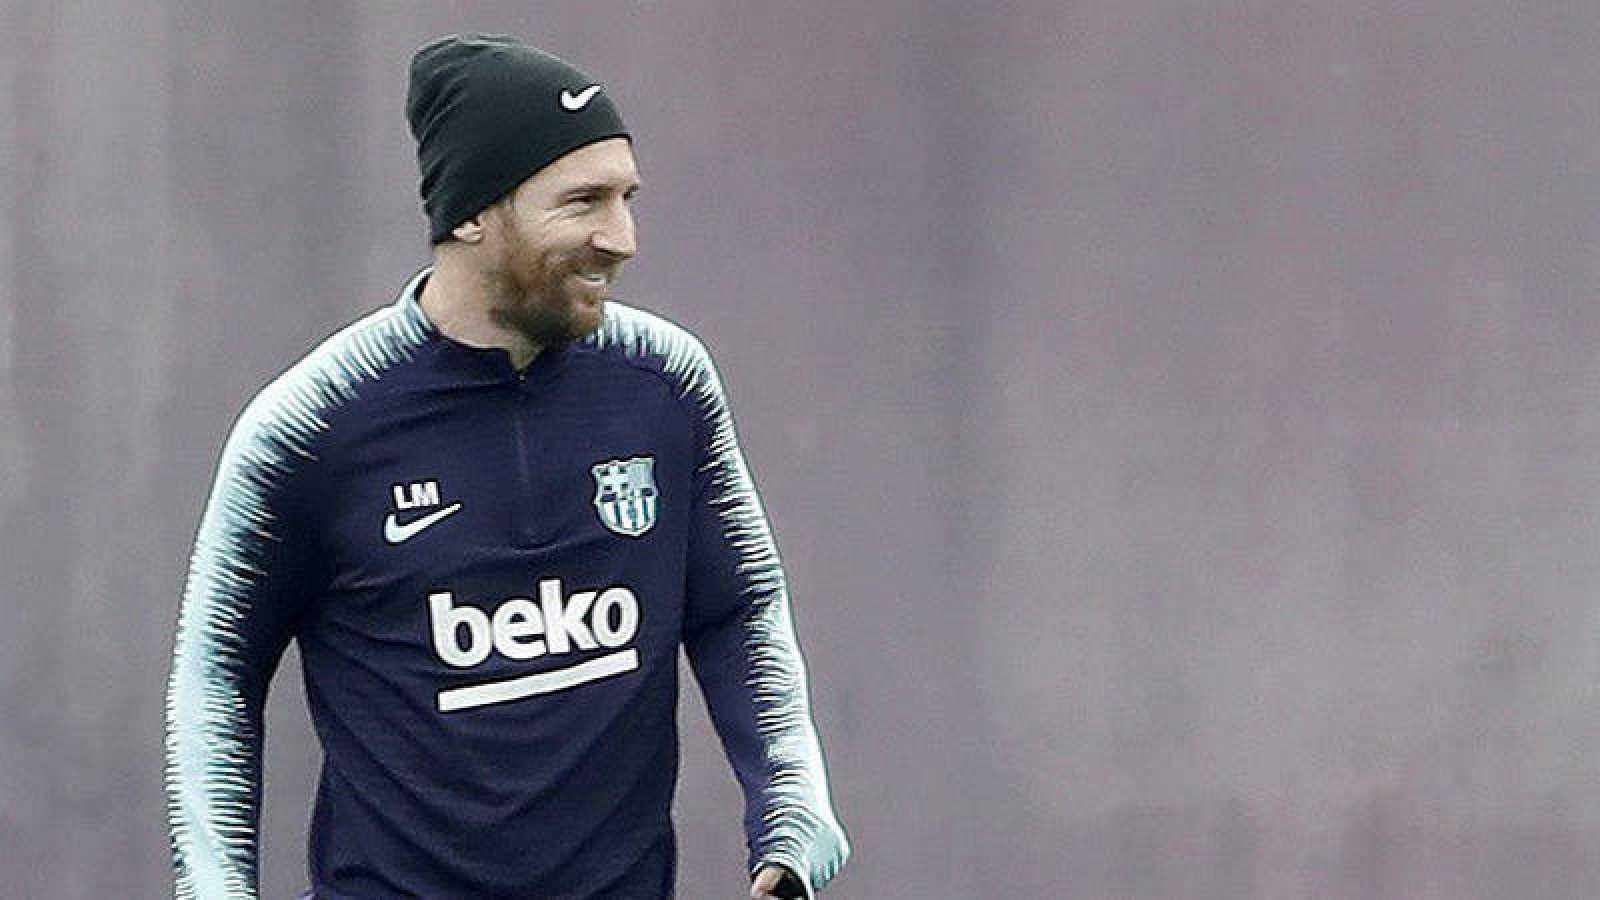 Messi entra en la convocatoria para Milán aunque no tiene aún el alta médica